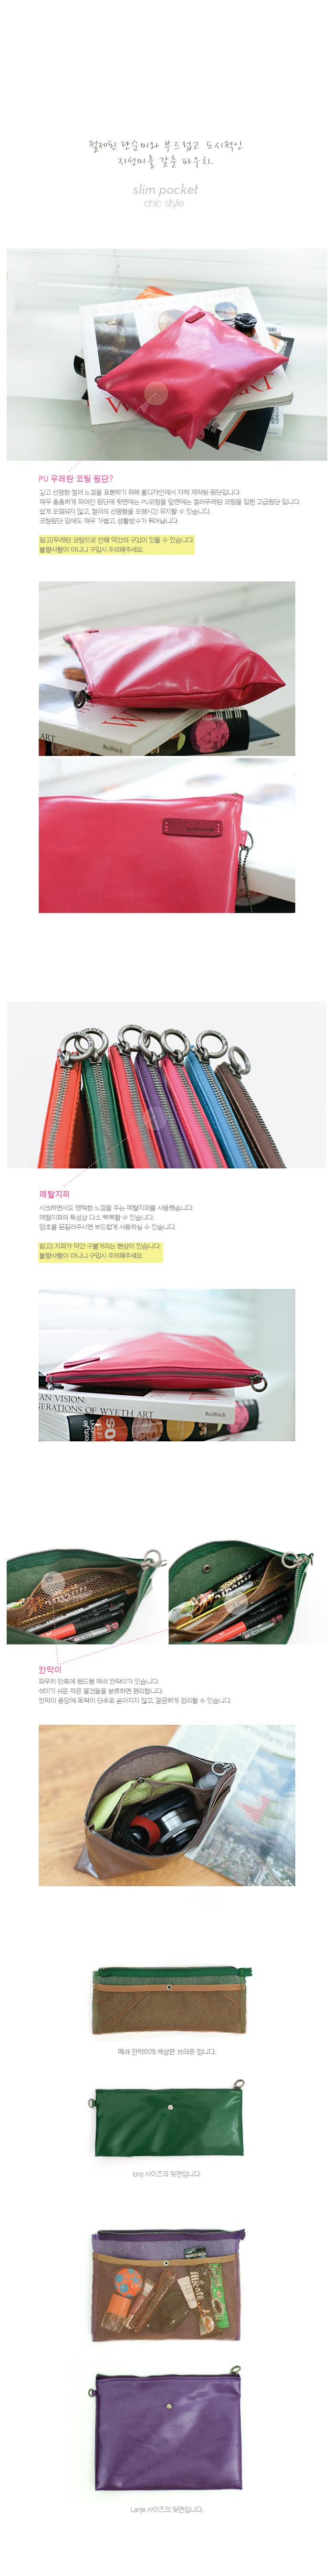 슬림포켓 long-시크스타일(red) - 바이.풀디자인, 8,500원, 다용도파우치, 지퍼형